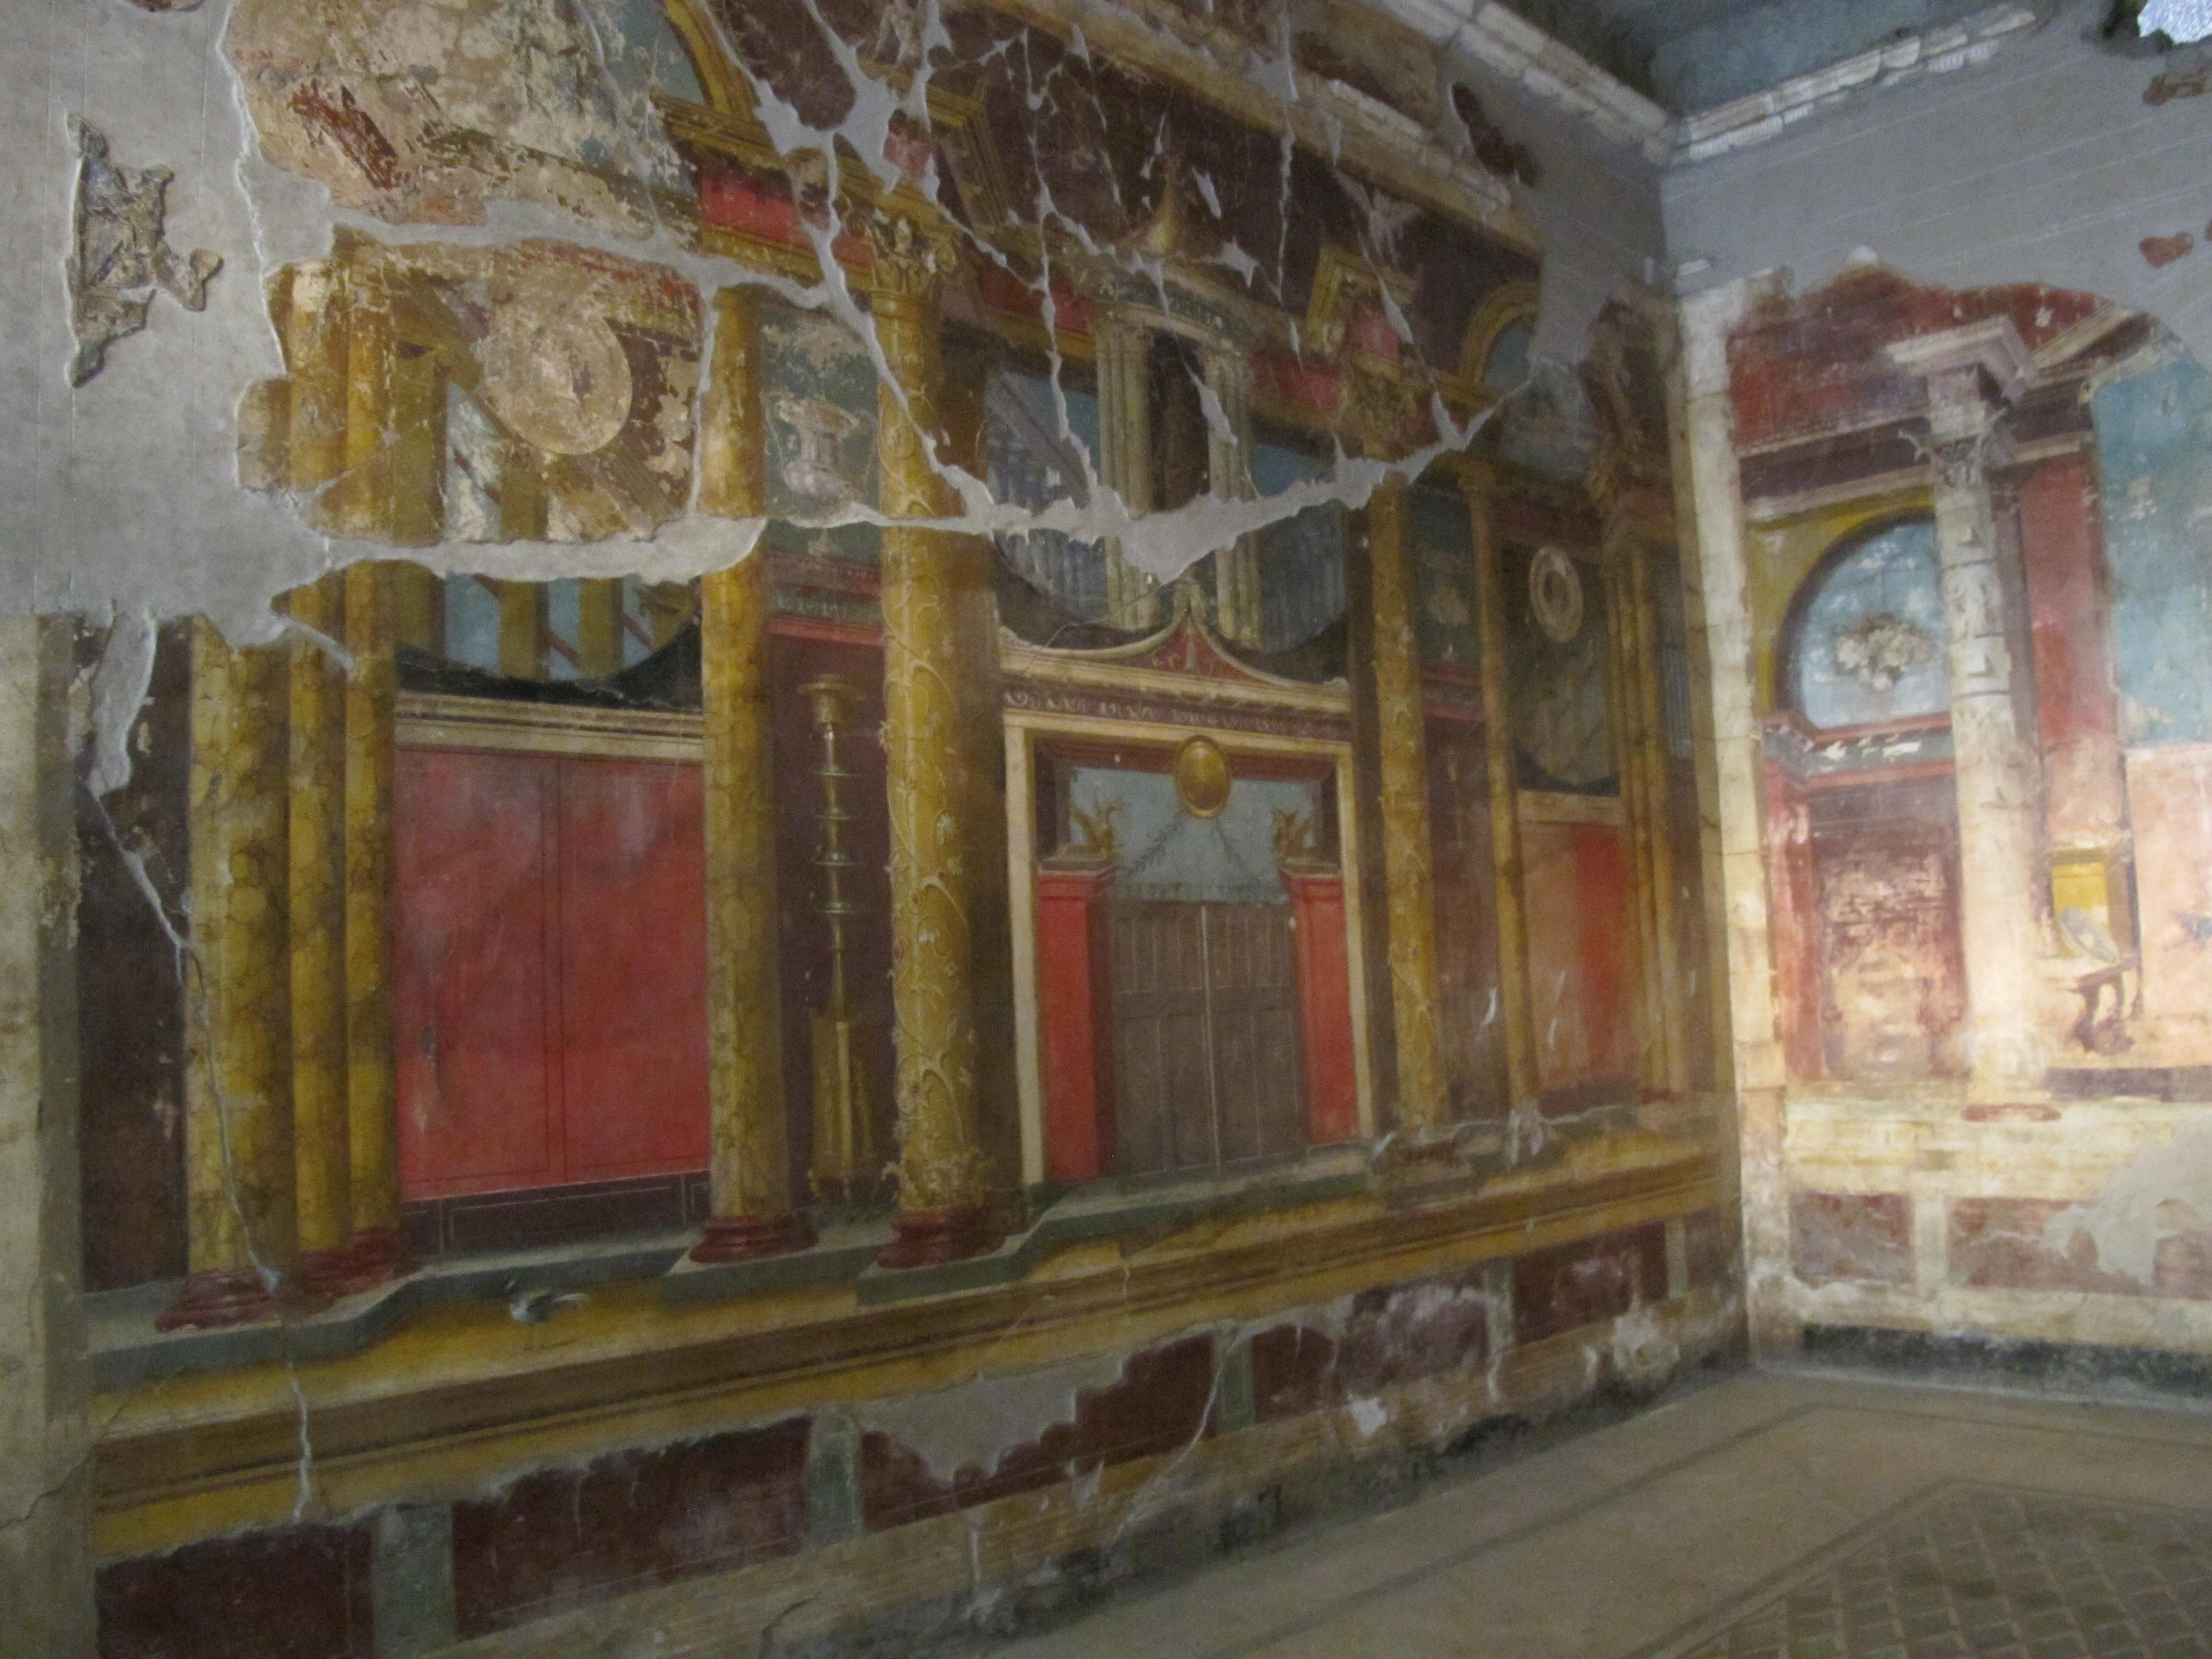 Pictură murală într-una din vilele din Pompeii